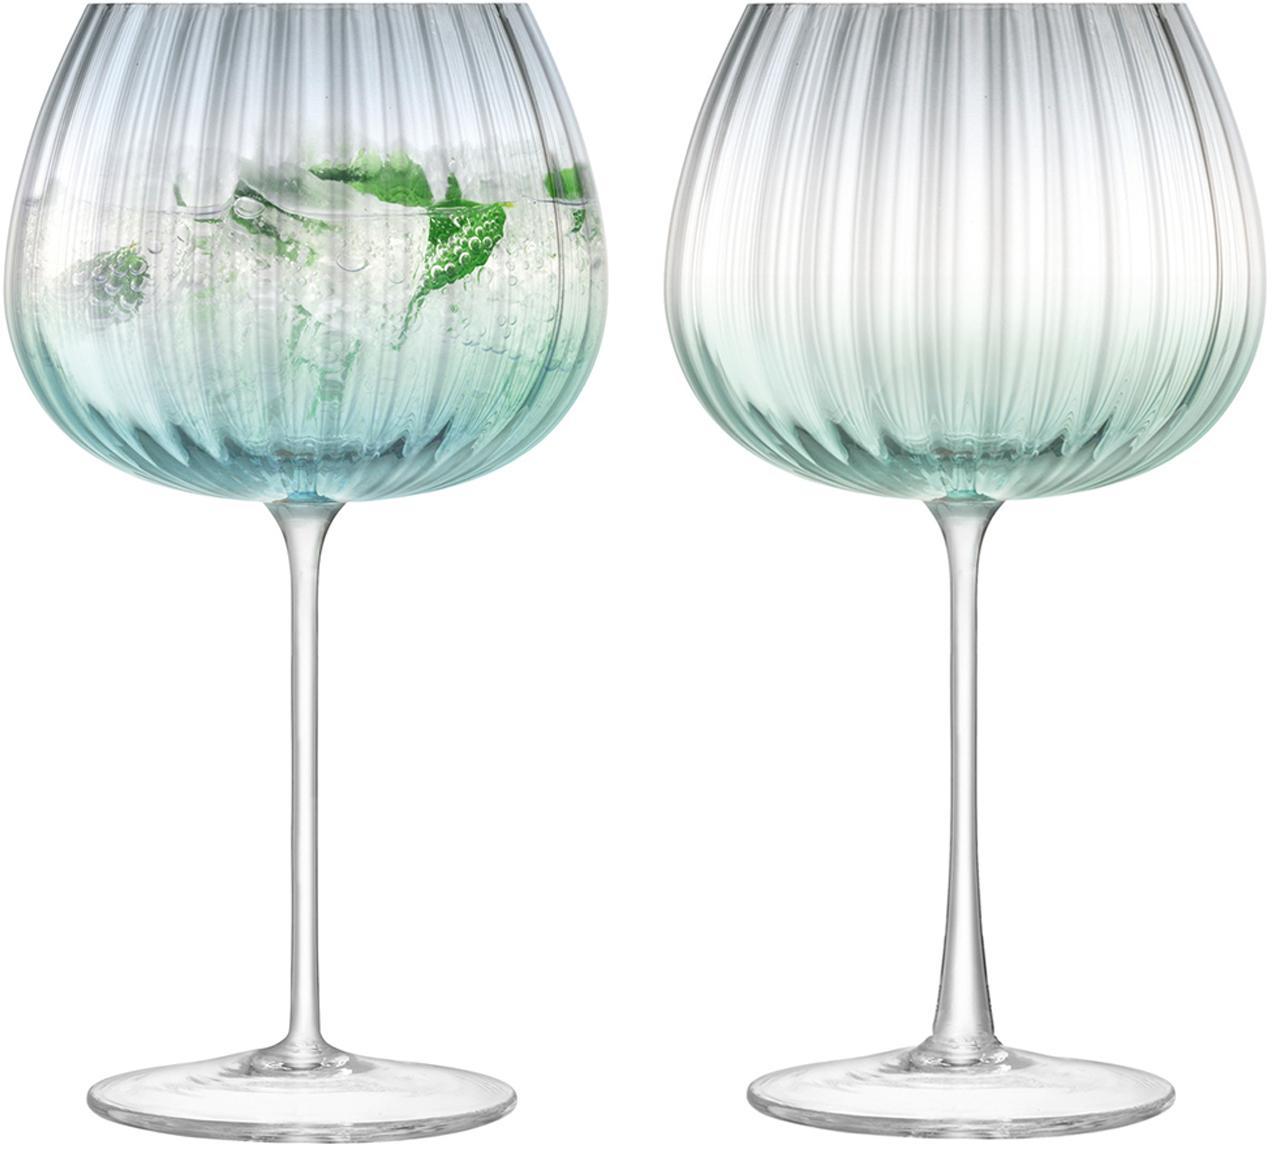 Handgemachte Weingläser Dusk mit Farbverlauf, 2er-Set, Glas, Grün, Grau, Ø 10 x H 20 cm